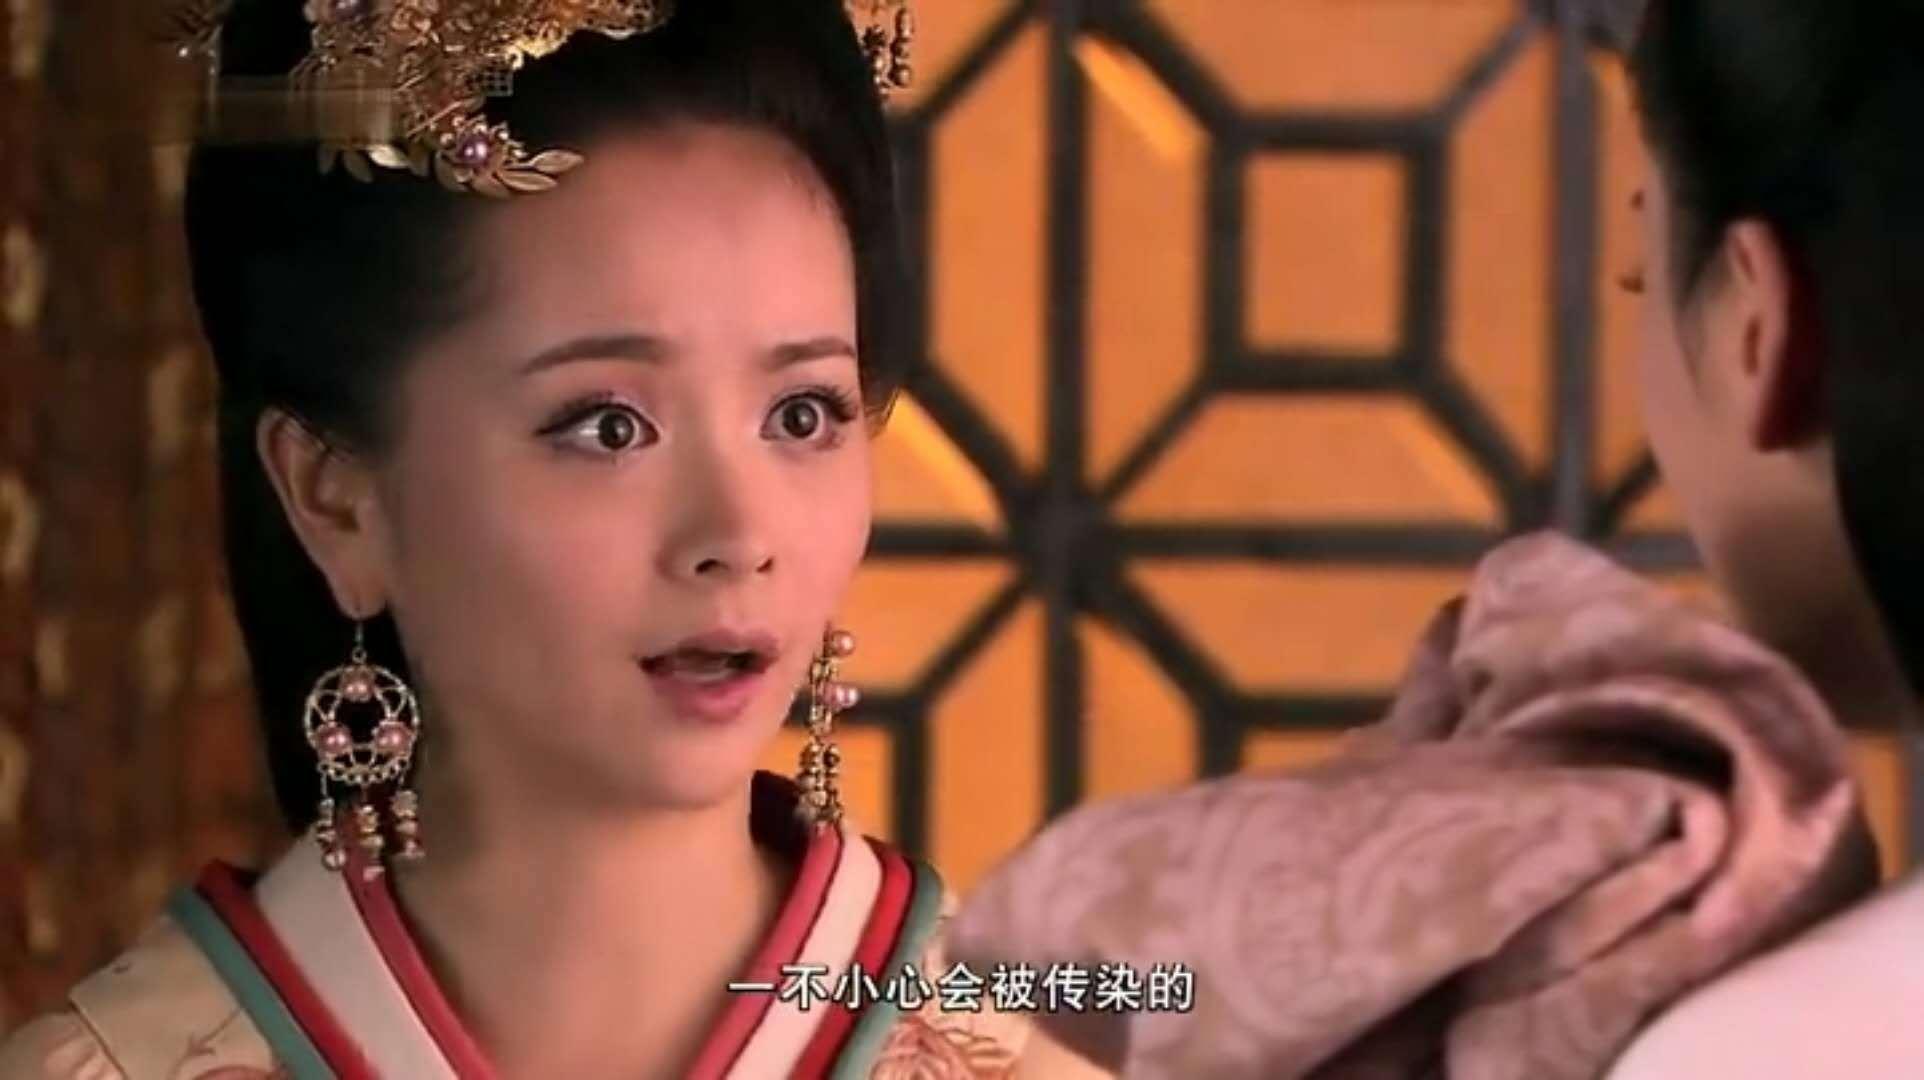 揭密:程姬之疾的故事 汉景帝刘启妃子程姬简介